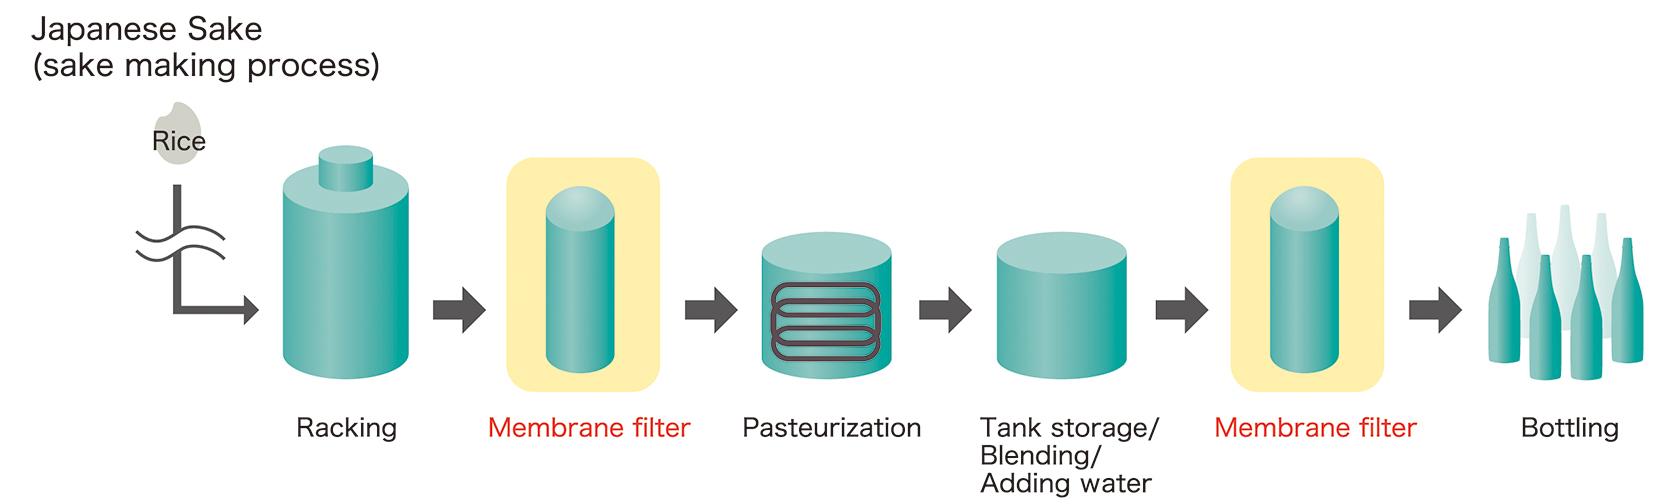 [image] Steps of Japanese Sake making process, using membrane filters